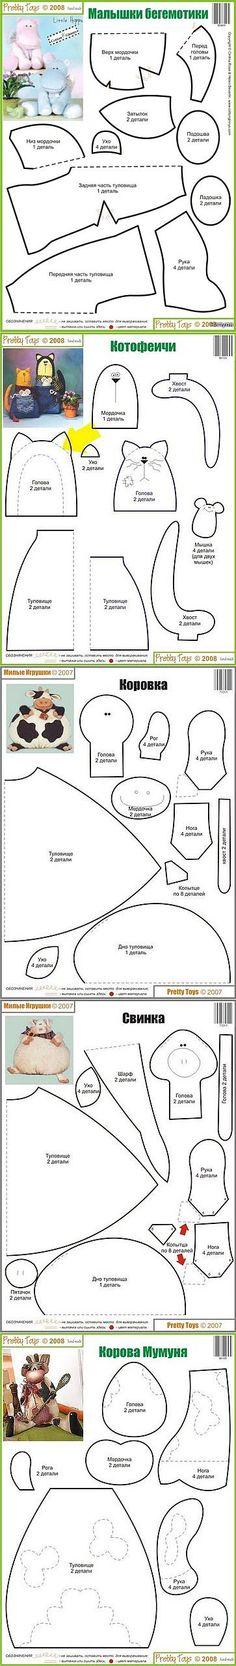 Выкройки одним листом. Удобно! / Разнообразные игрушки ручной работы / PassionForum - мастер-классы по рукоделию